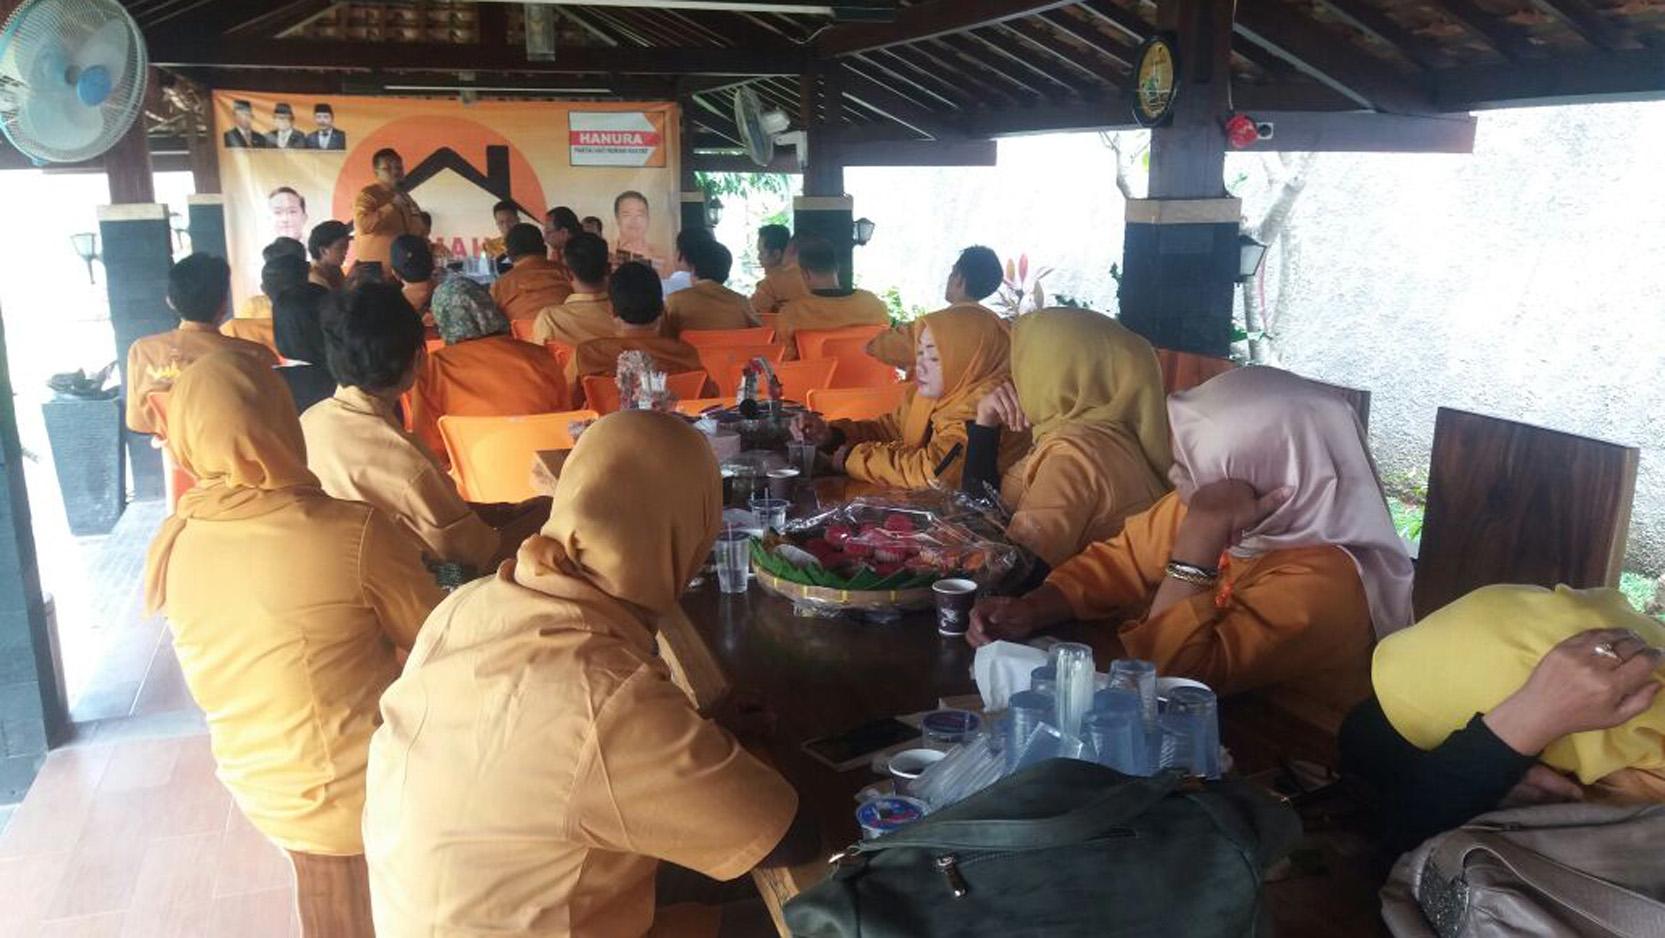 Ketua DPD Hanura Lampung Sri Widodo saat memberikan arahan saat rapat kordinasi persiapan menyambut HUT Hanura ke 11, di kediaman Sekretaris DPD Yozi Rizal. (Lampungnews.com/Davit)